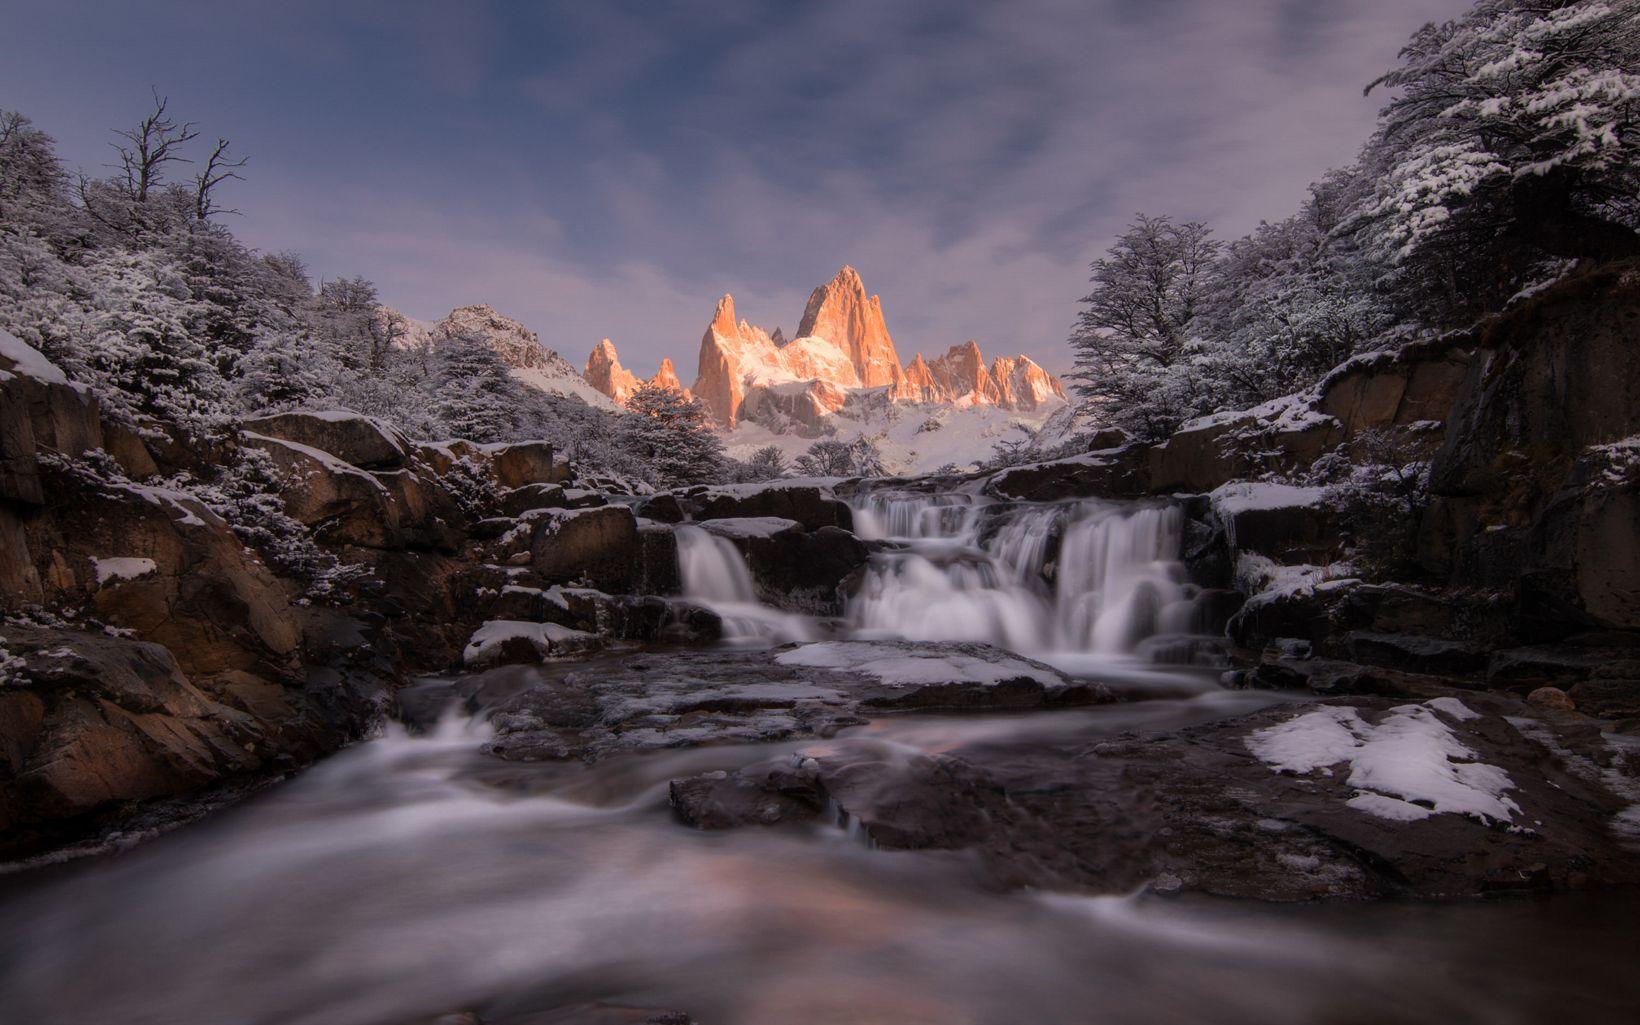 Creo que esta es una de las cascadas más escondidas de ese río, no hay camino o señales para llegar allí.